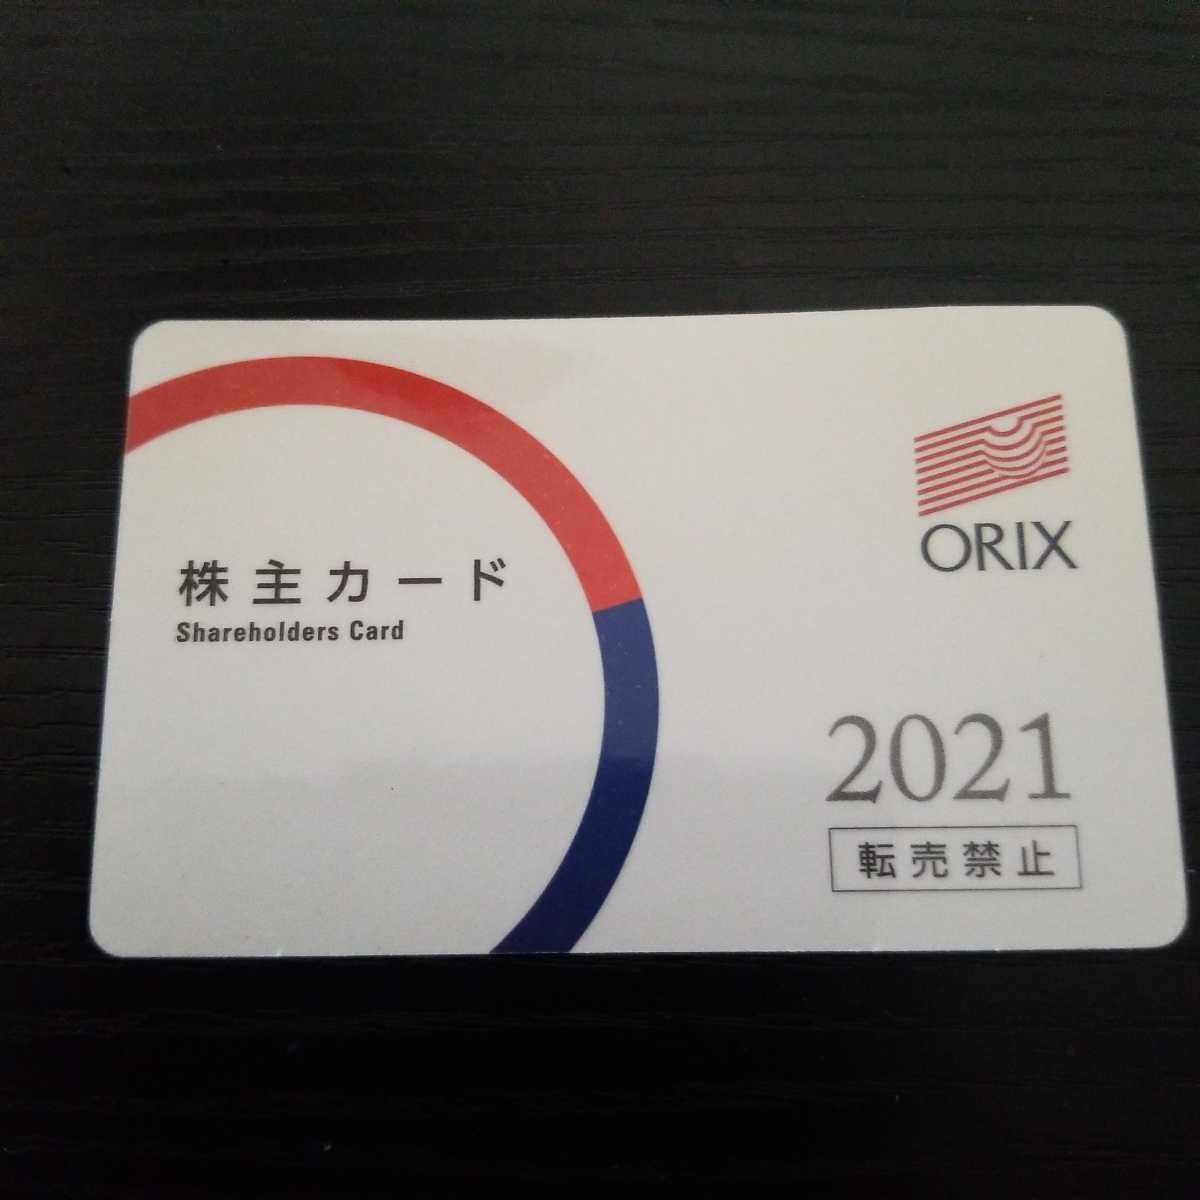 オリックス 株主優待カード 株主優待 _画像1